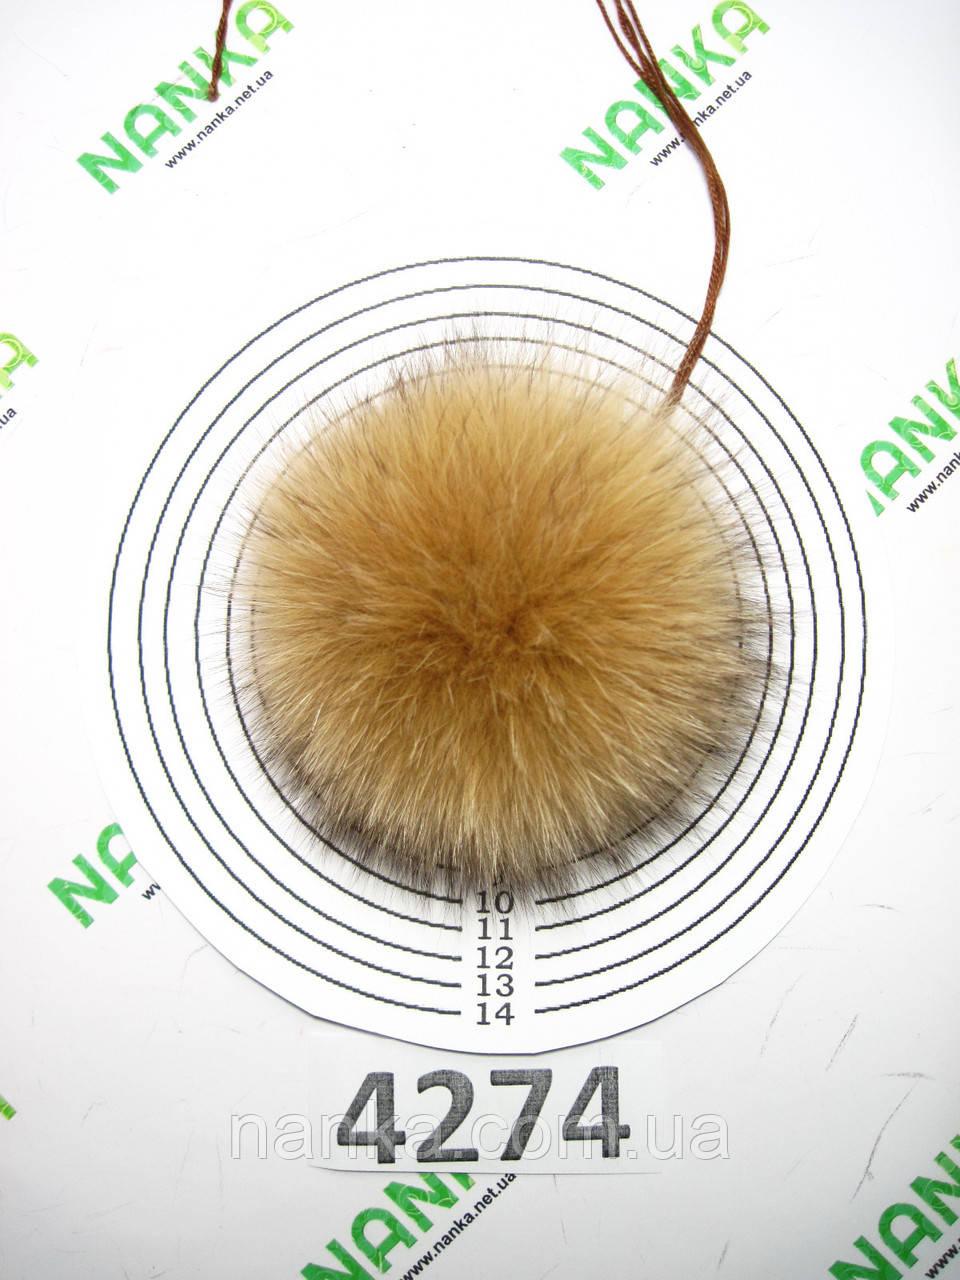 Меховой помпон Песец, Карамелька, 8 см, 4274